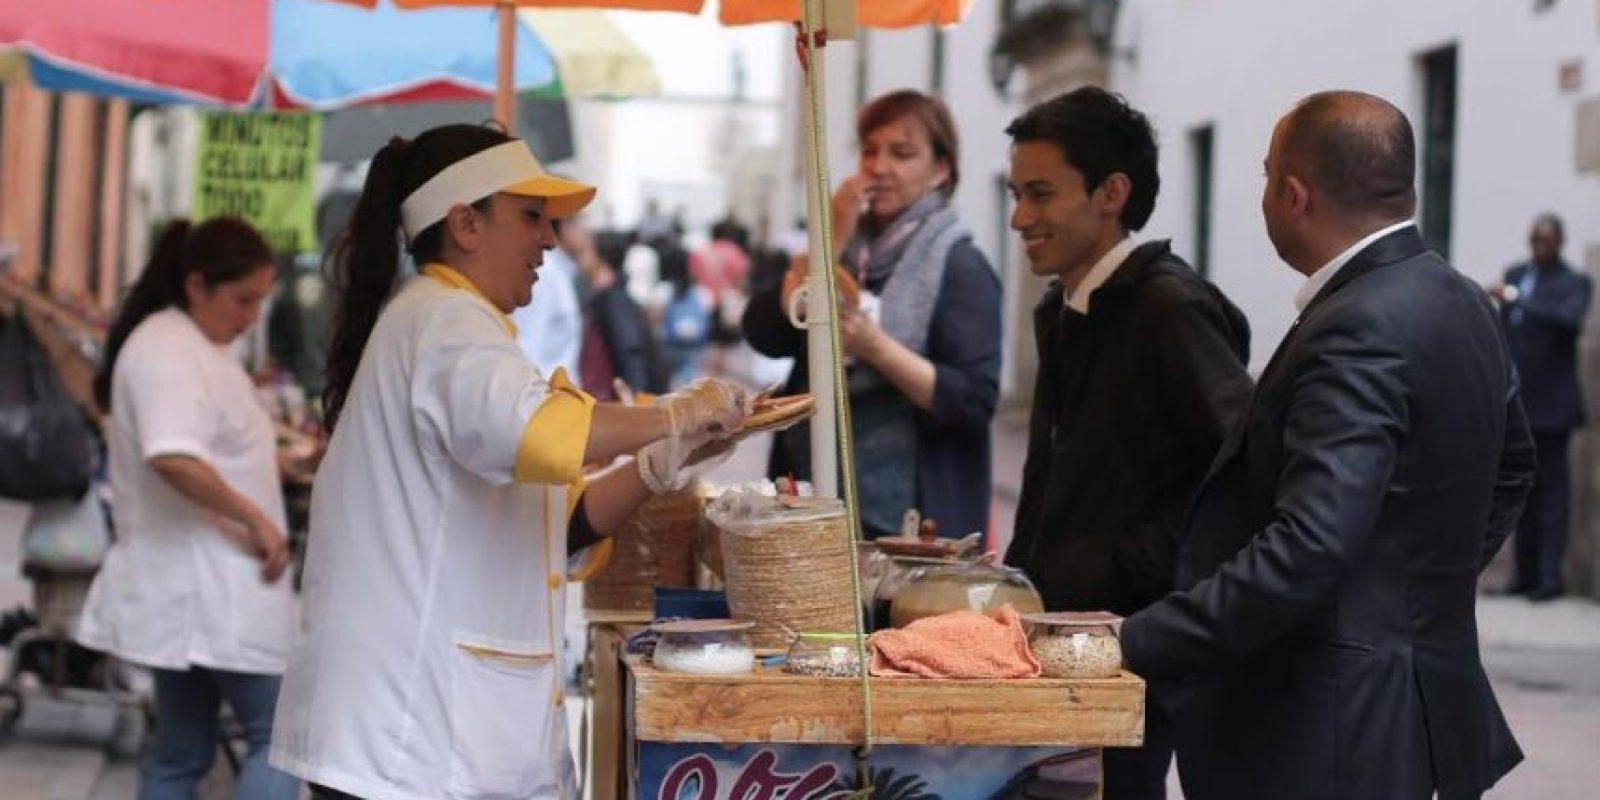 Asegura que las ventas se le han incrementado. Foto:Sofía Toscano. Publimetro